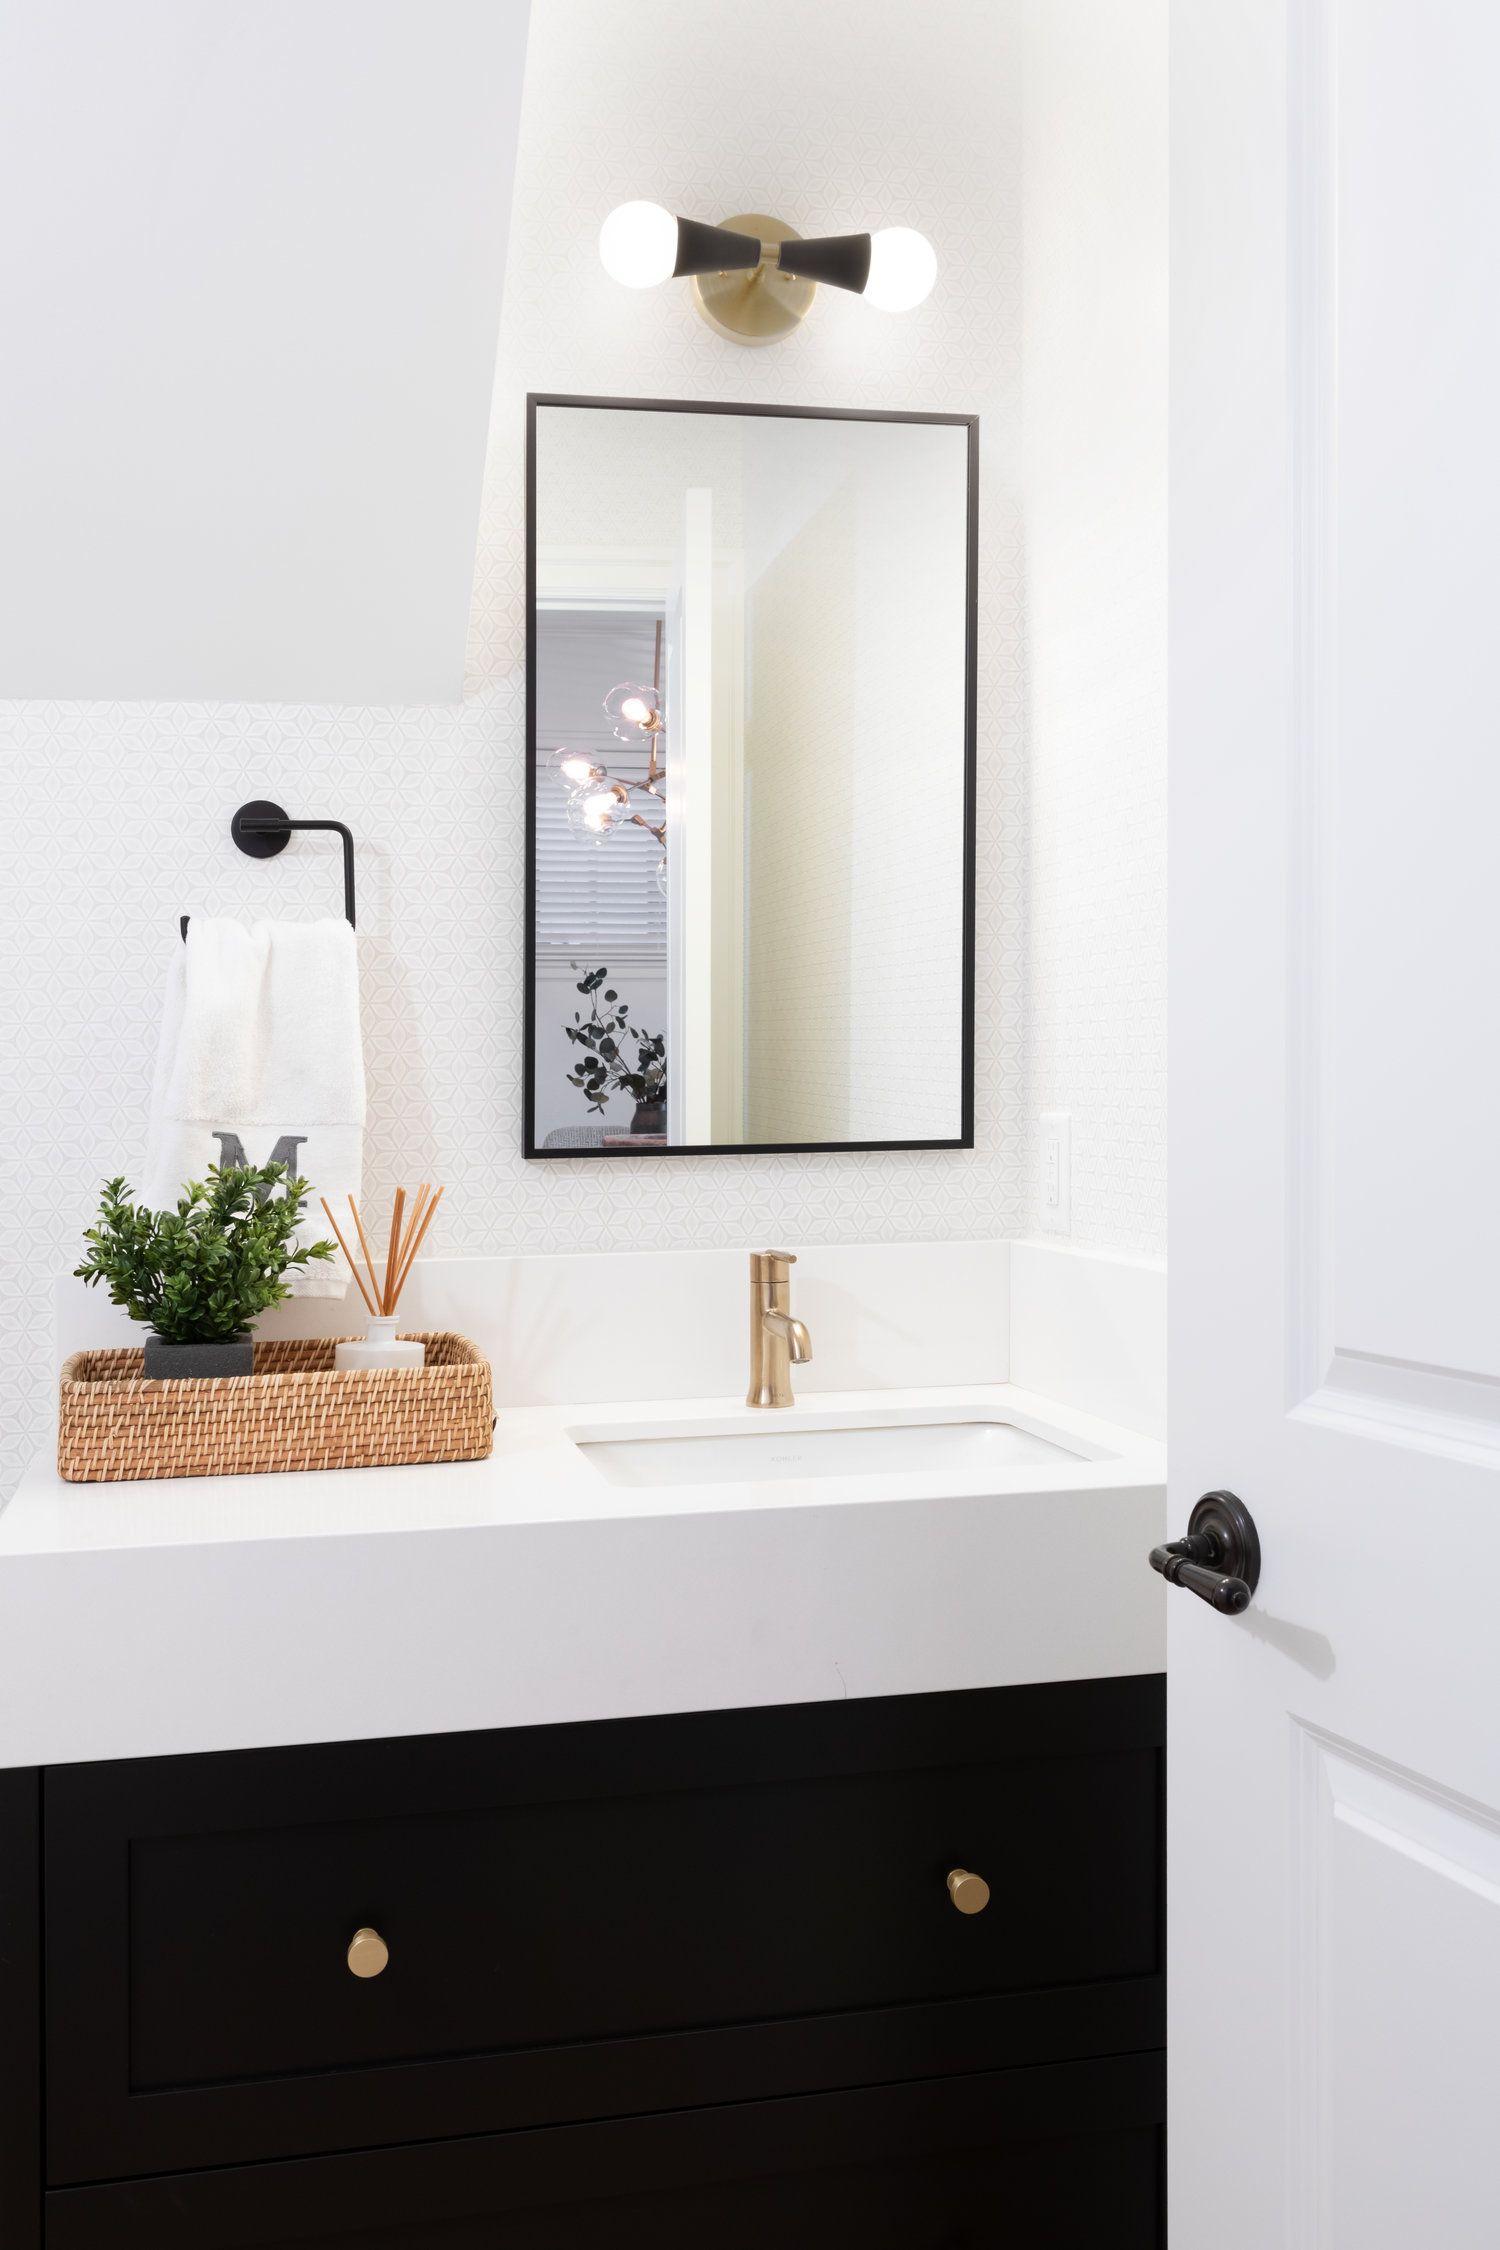 Modern black bathroom mirror silvercrest handheld steam cleaner